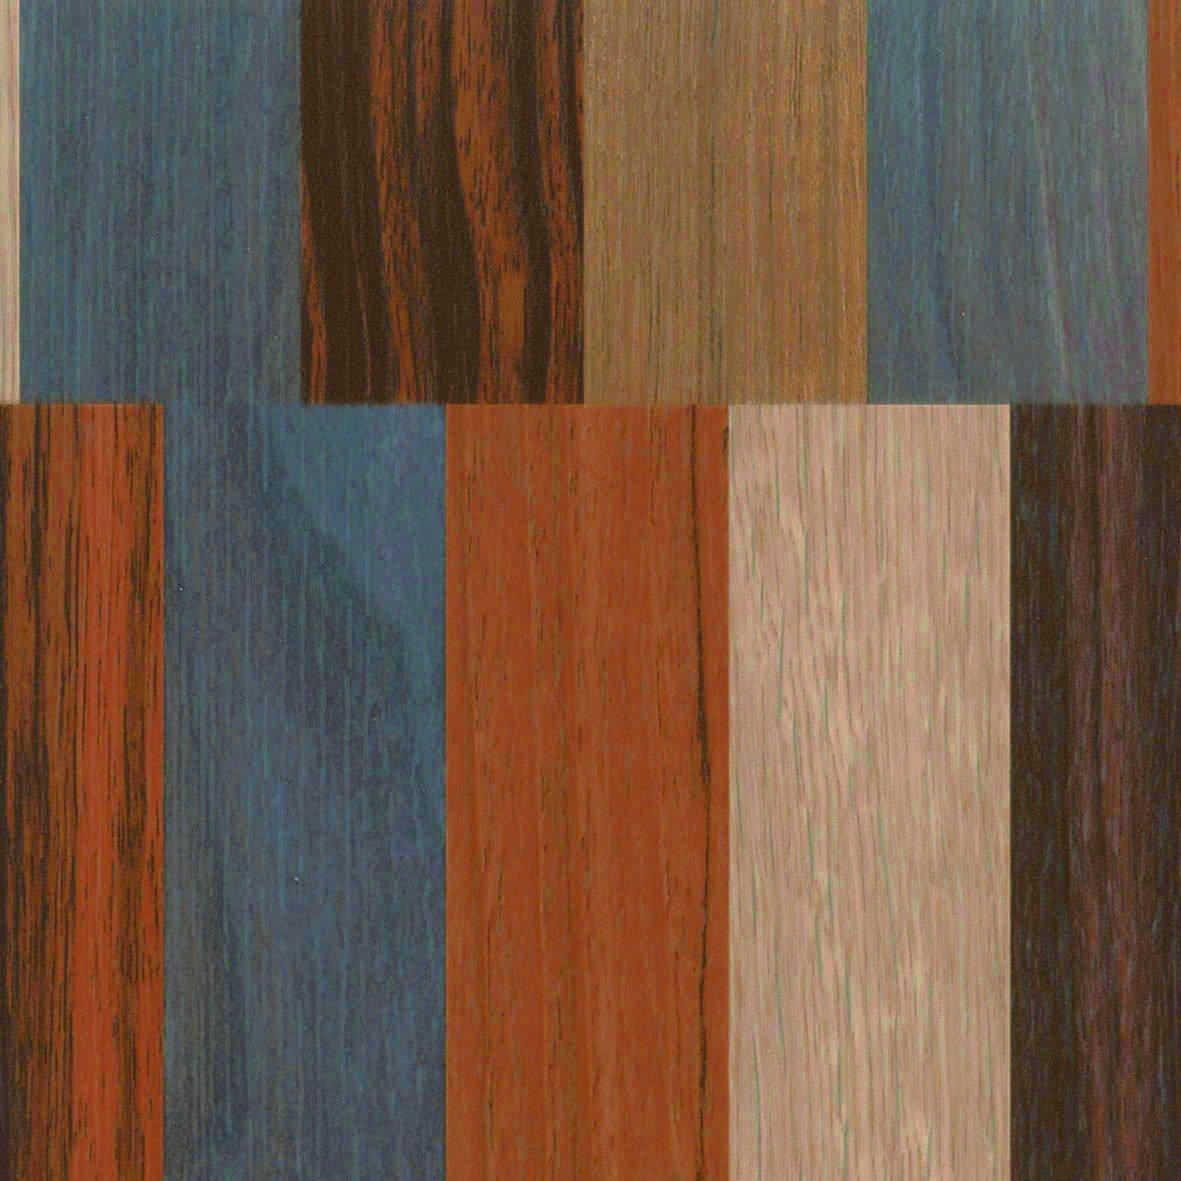 リリカラ 壁紙50m ナチュラル 木目調 ミックス LL-8789 B01MTK1EX1 50m